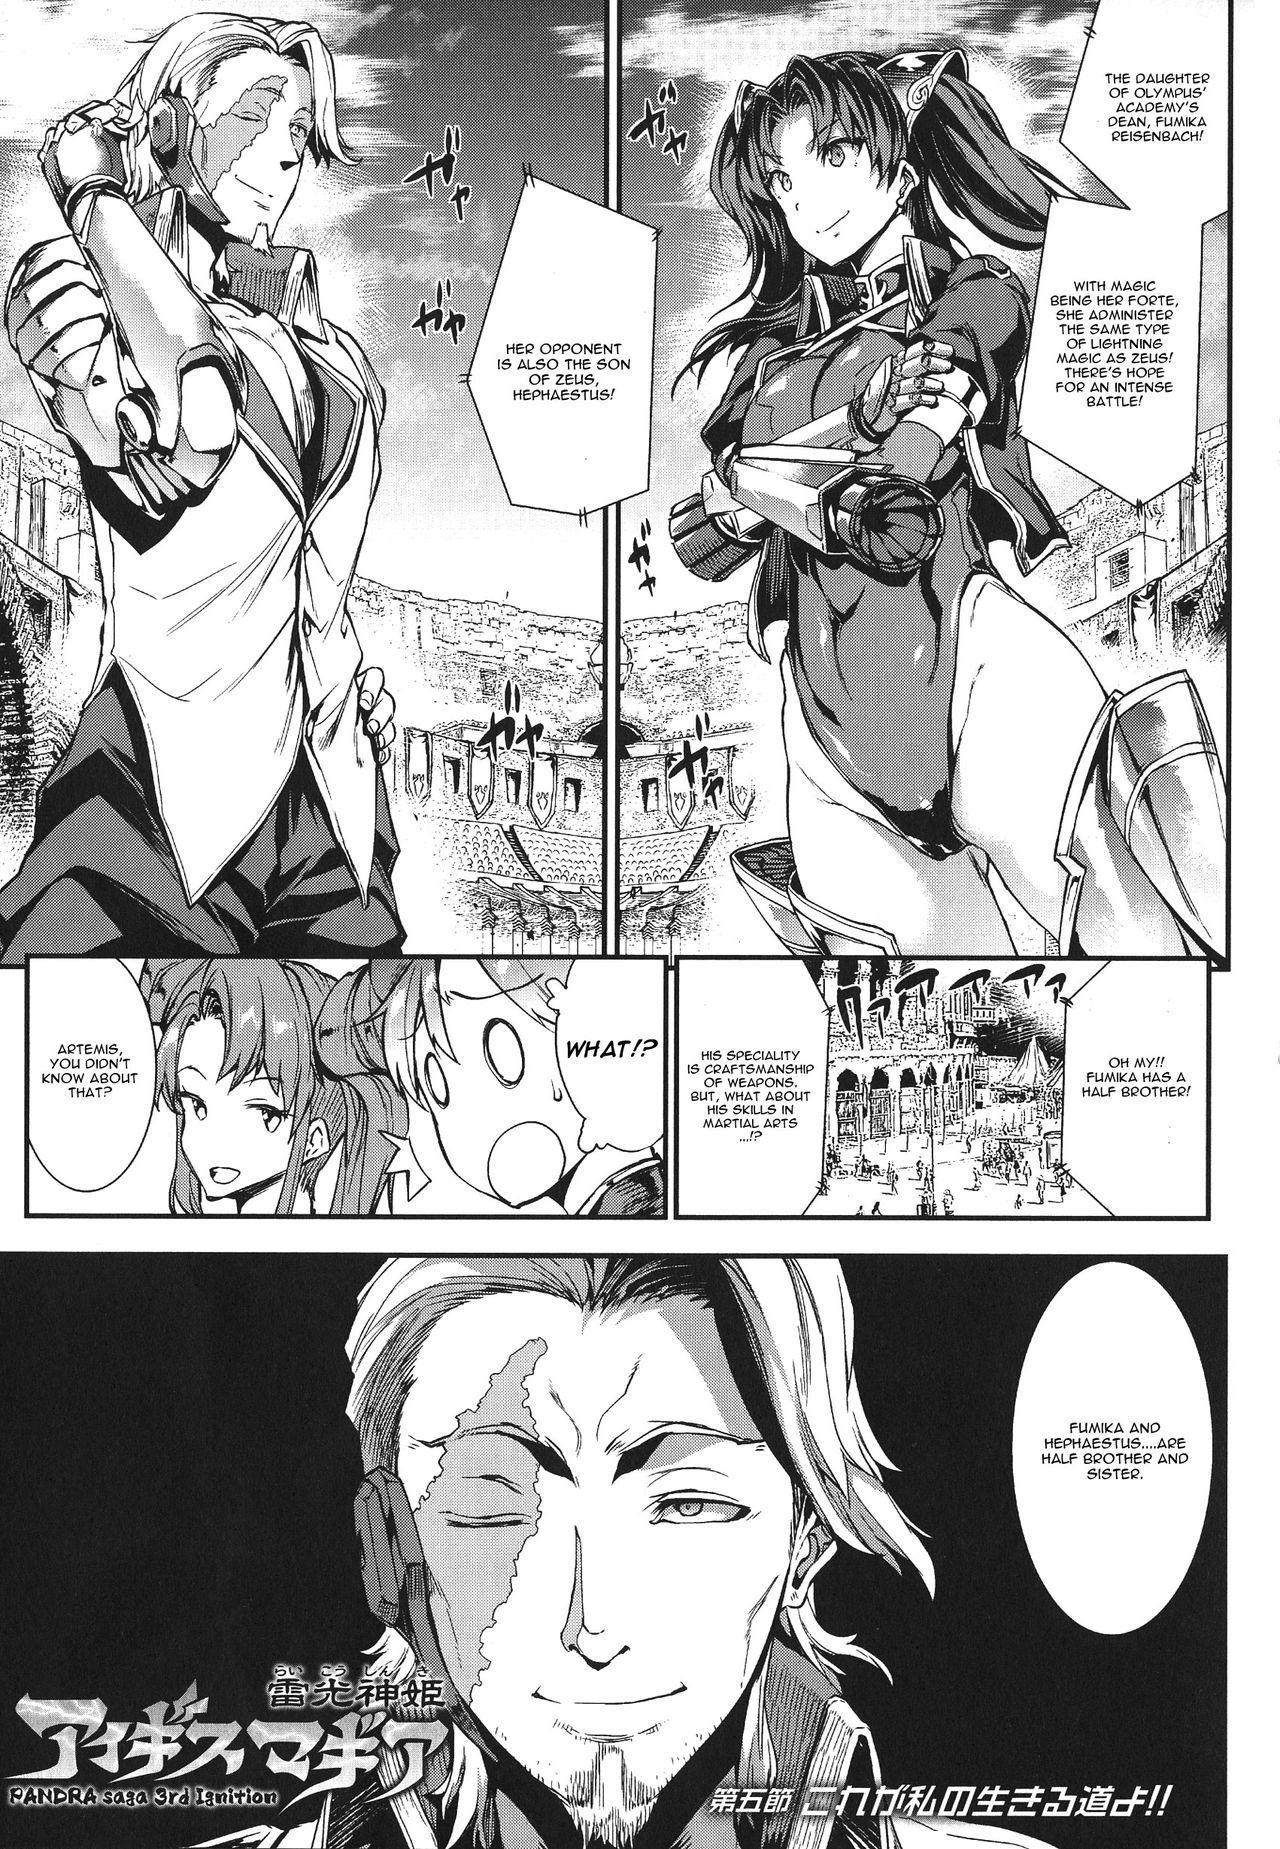 [Erect Sawaru] Raikou Shinki Igis Magia -PANDRA saga 3rd ignition- Ch. 1-7 + Medousa [English] [CGrascal] 108